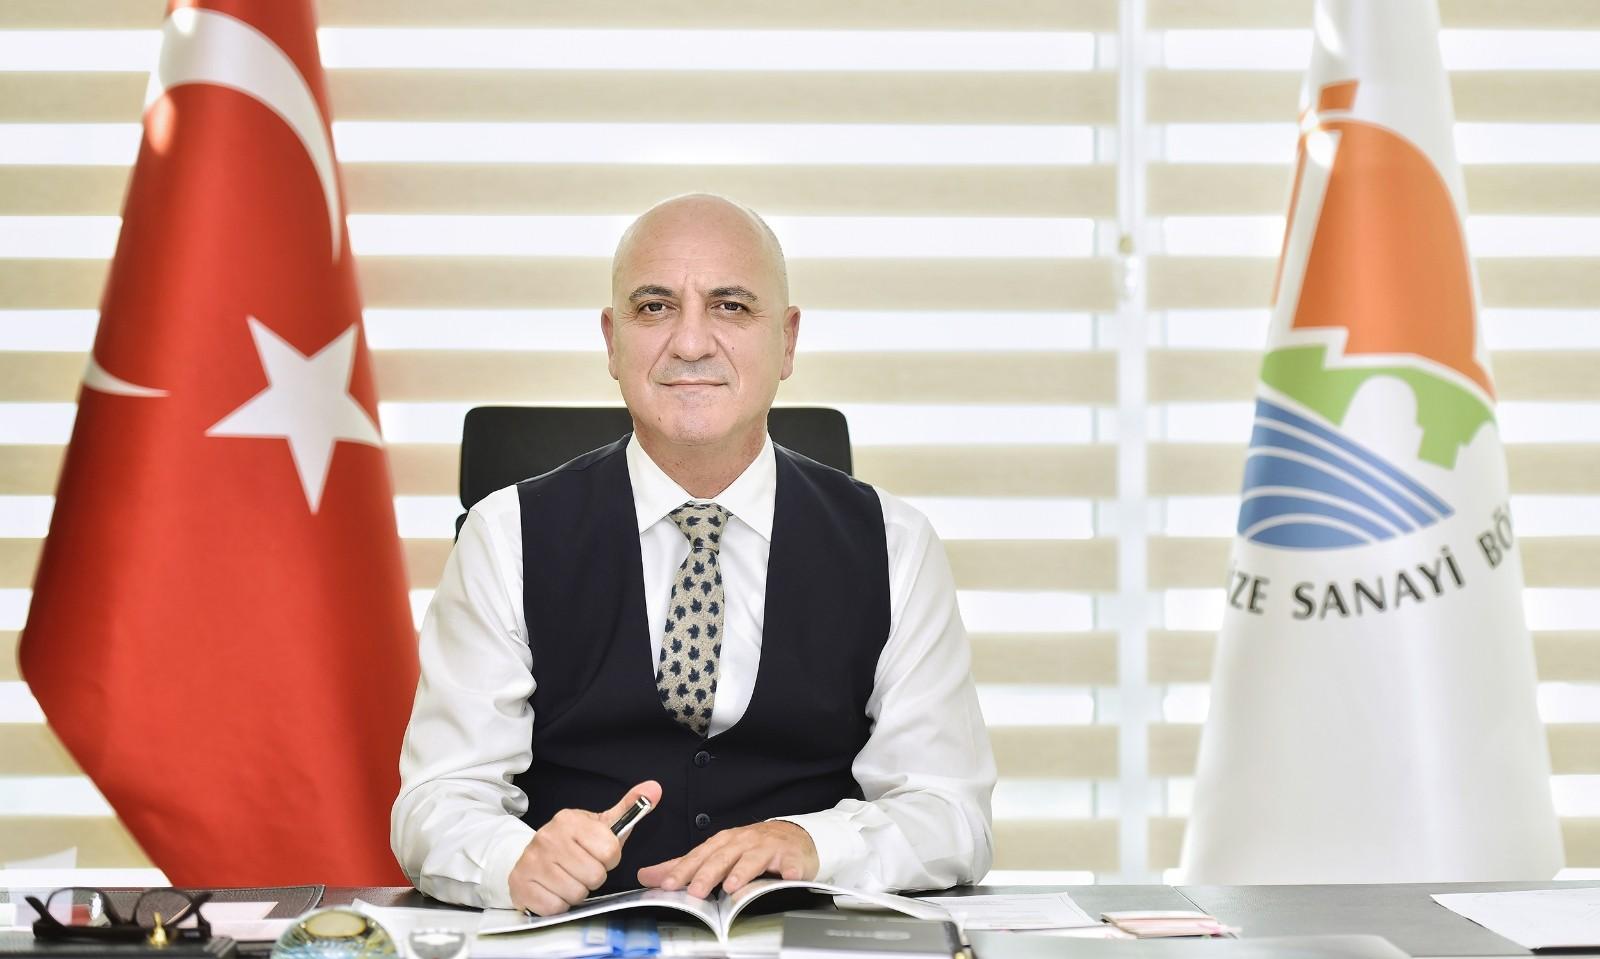 Antalya OSB'de üretim yapan 6 firma, Türkiye'nin en büyük 500 sanayi kuruluşu arasında yer aldı.